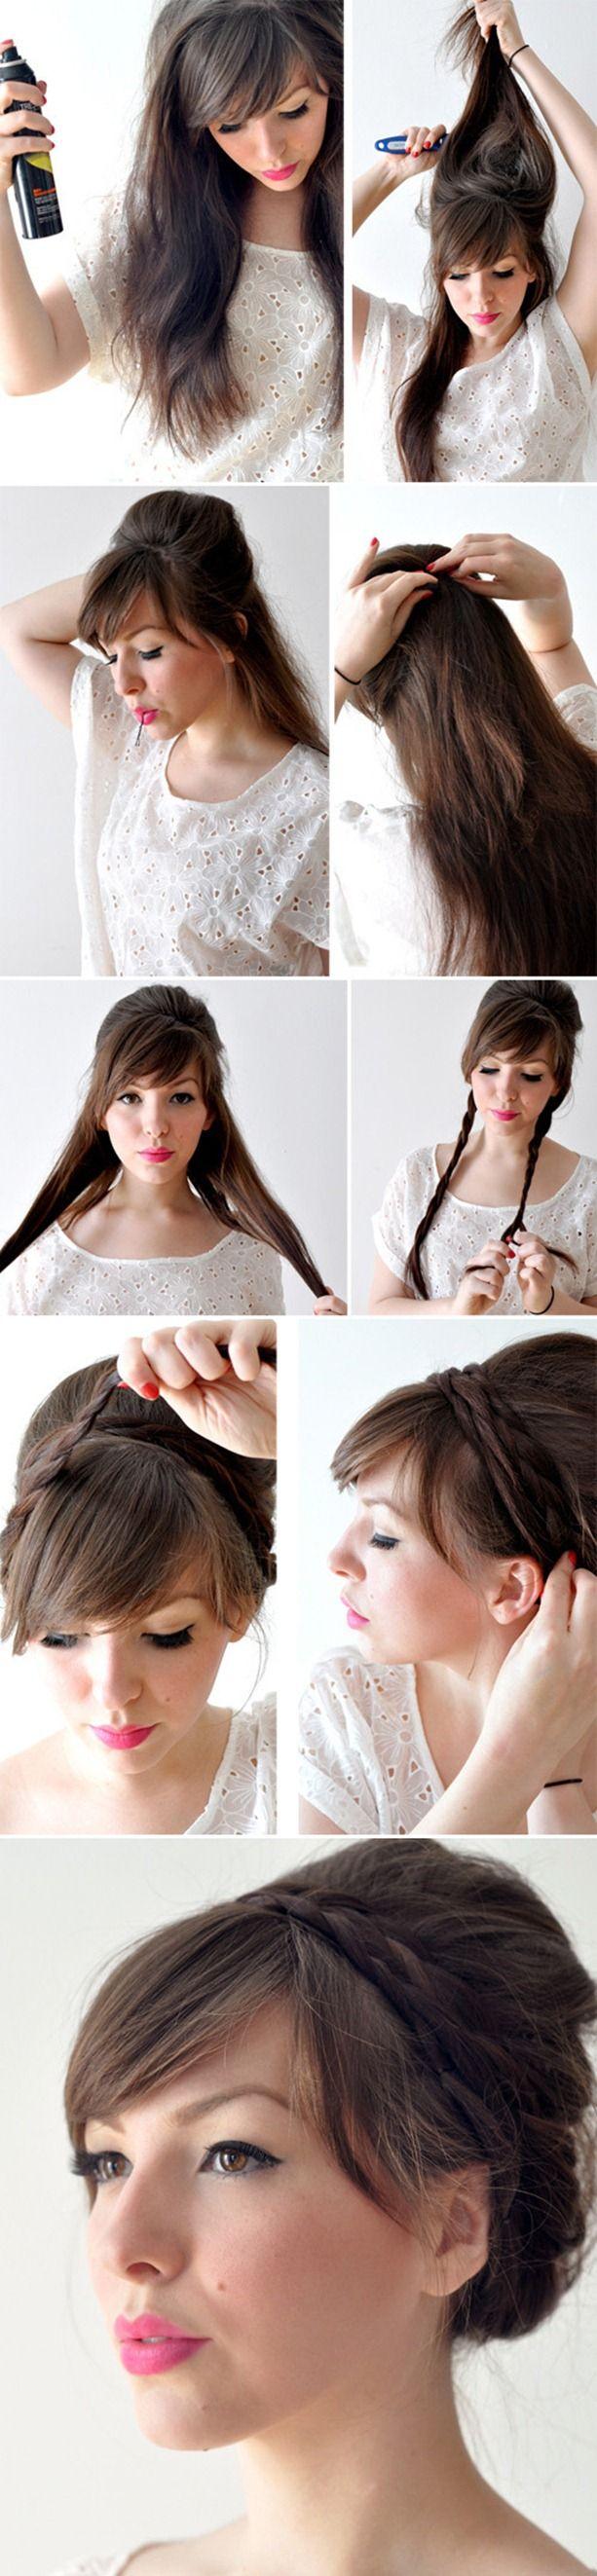 Faça você mesma: 5 penteados fáceis e criativos - Brandstyle